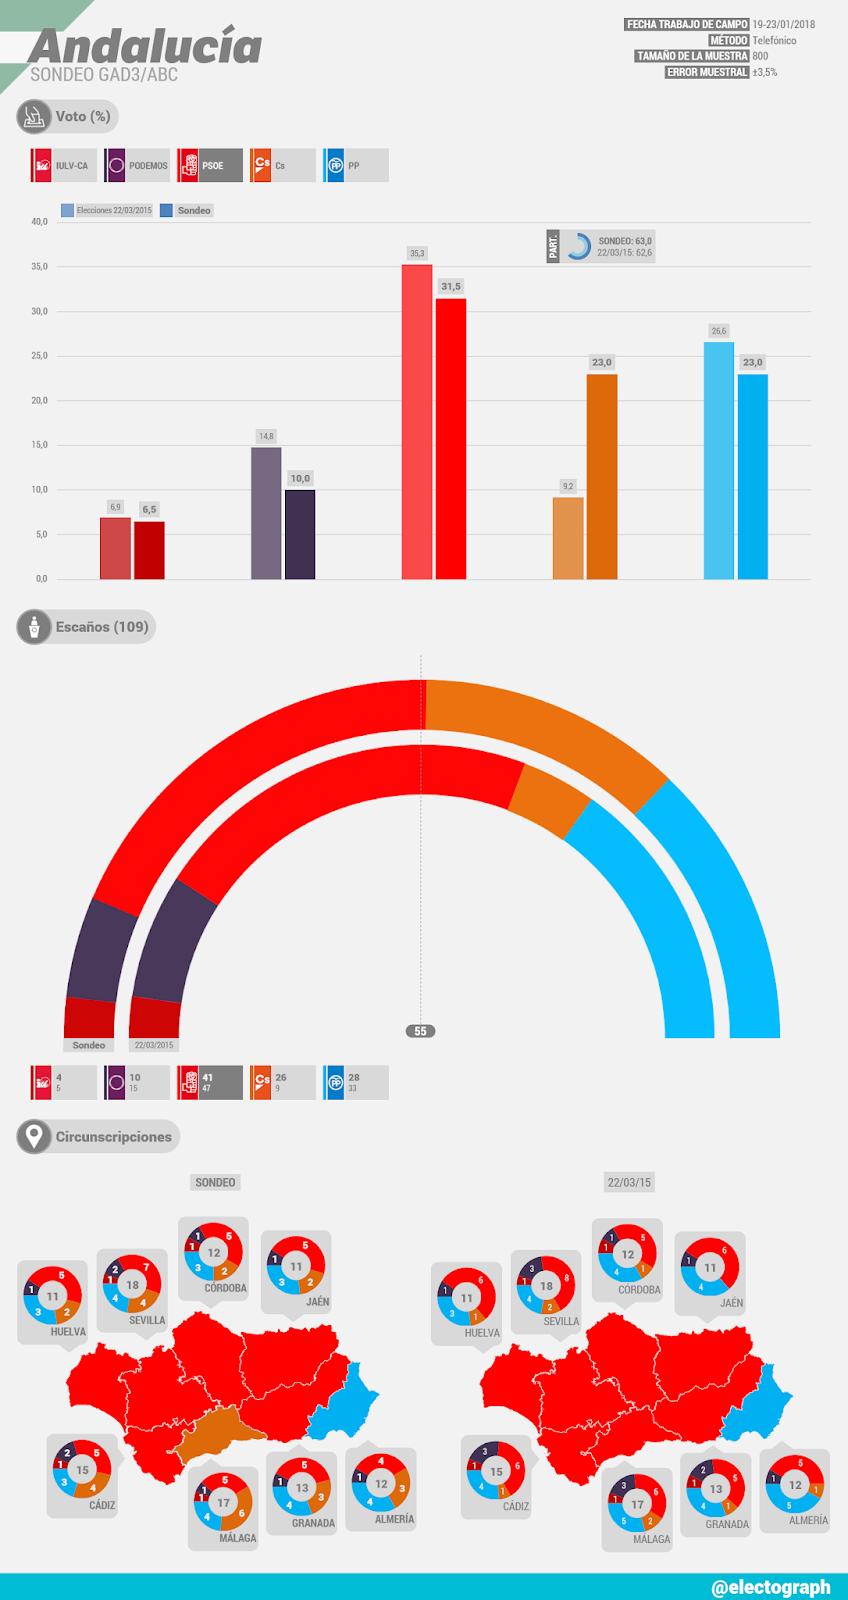 Gráfico de la encuesta para elecciones autonómicas en Andalucía realizada por GAD3 para ABC en enero de 2018